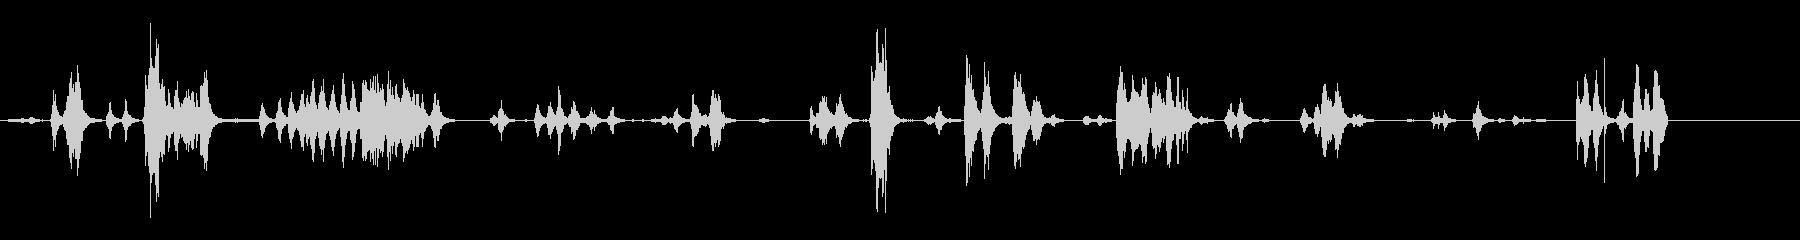 動物園-内部-lorosの未再生の波形